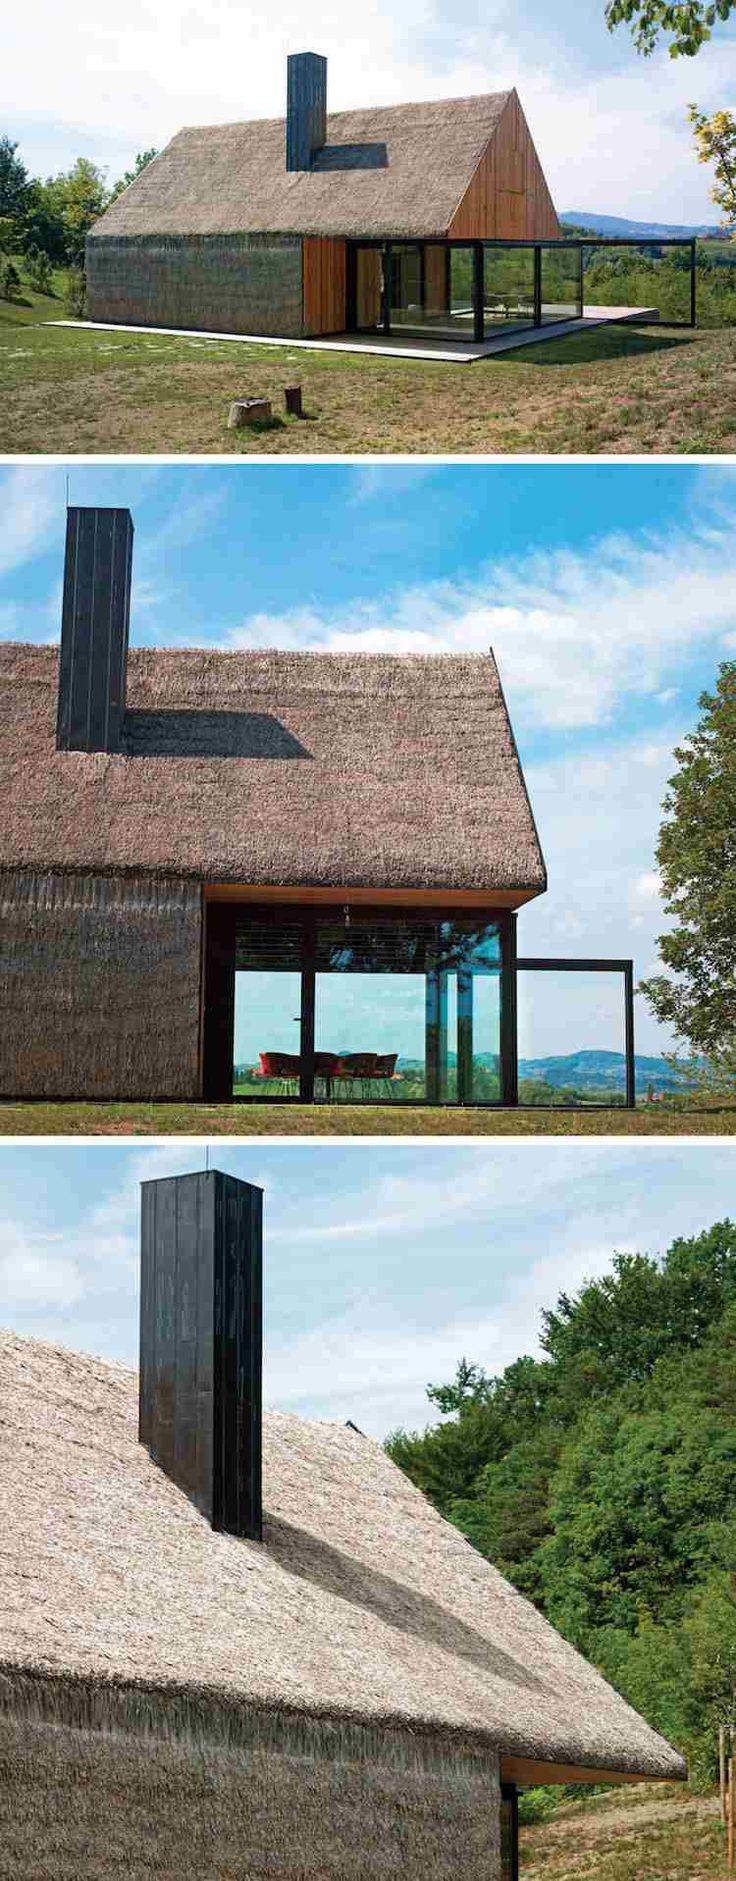 toit de chaume, bardage en bois et extension vitrée - l'architecture moderne mixe les matériaux de construction